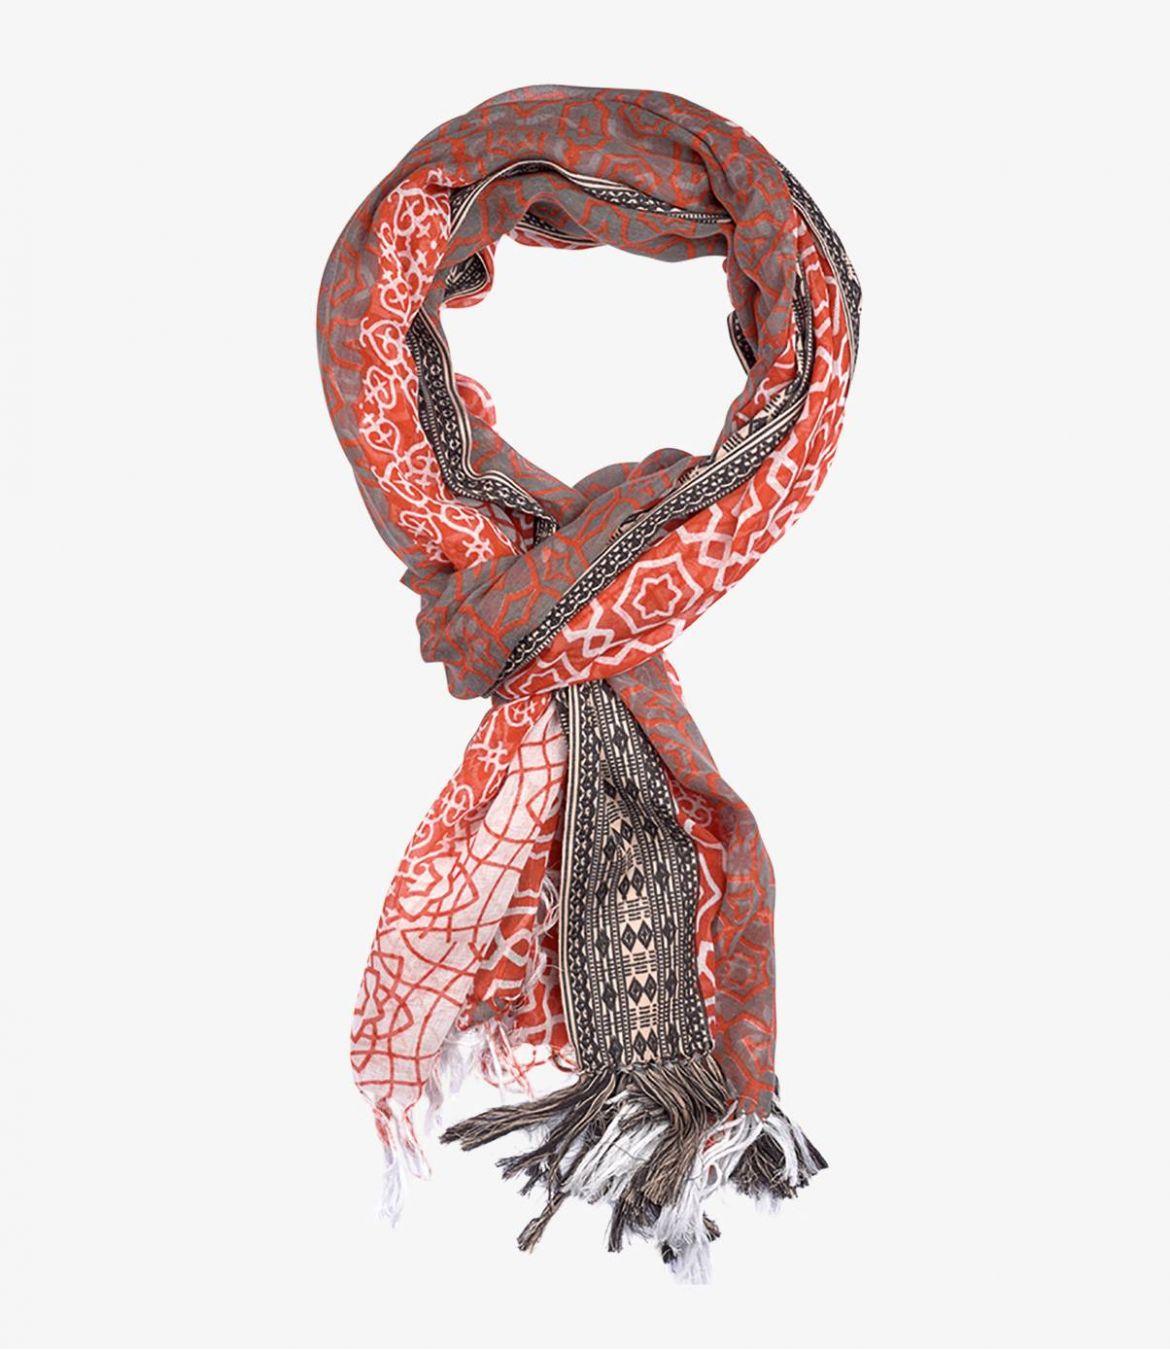 ALDO Foulard en Coton pour Homme 100x200 cm Storiatipic - 1